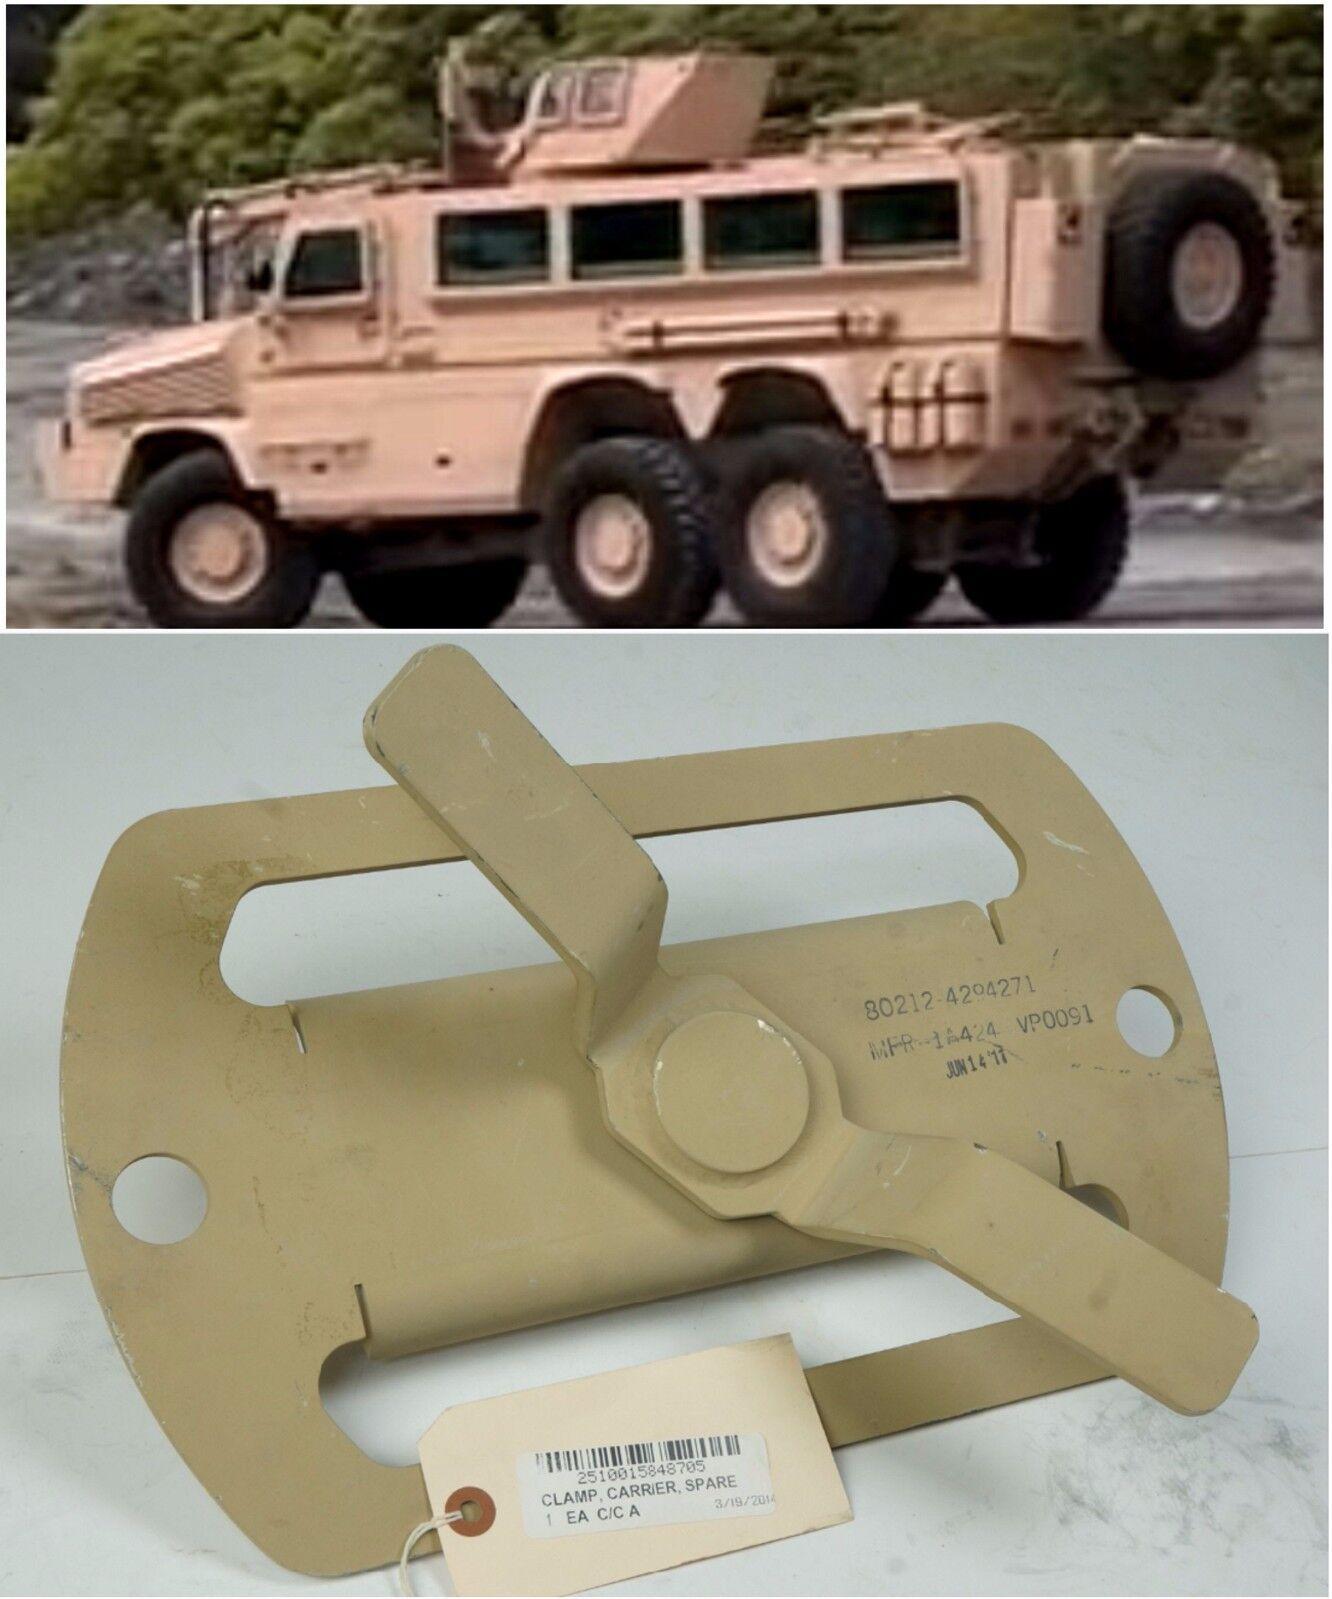 Mvehicles MRAP 4294271